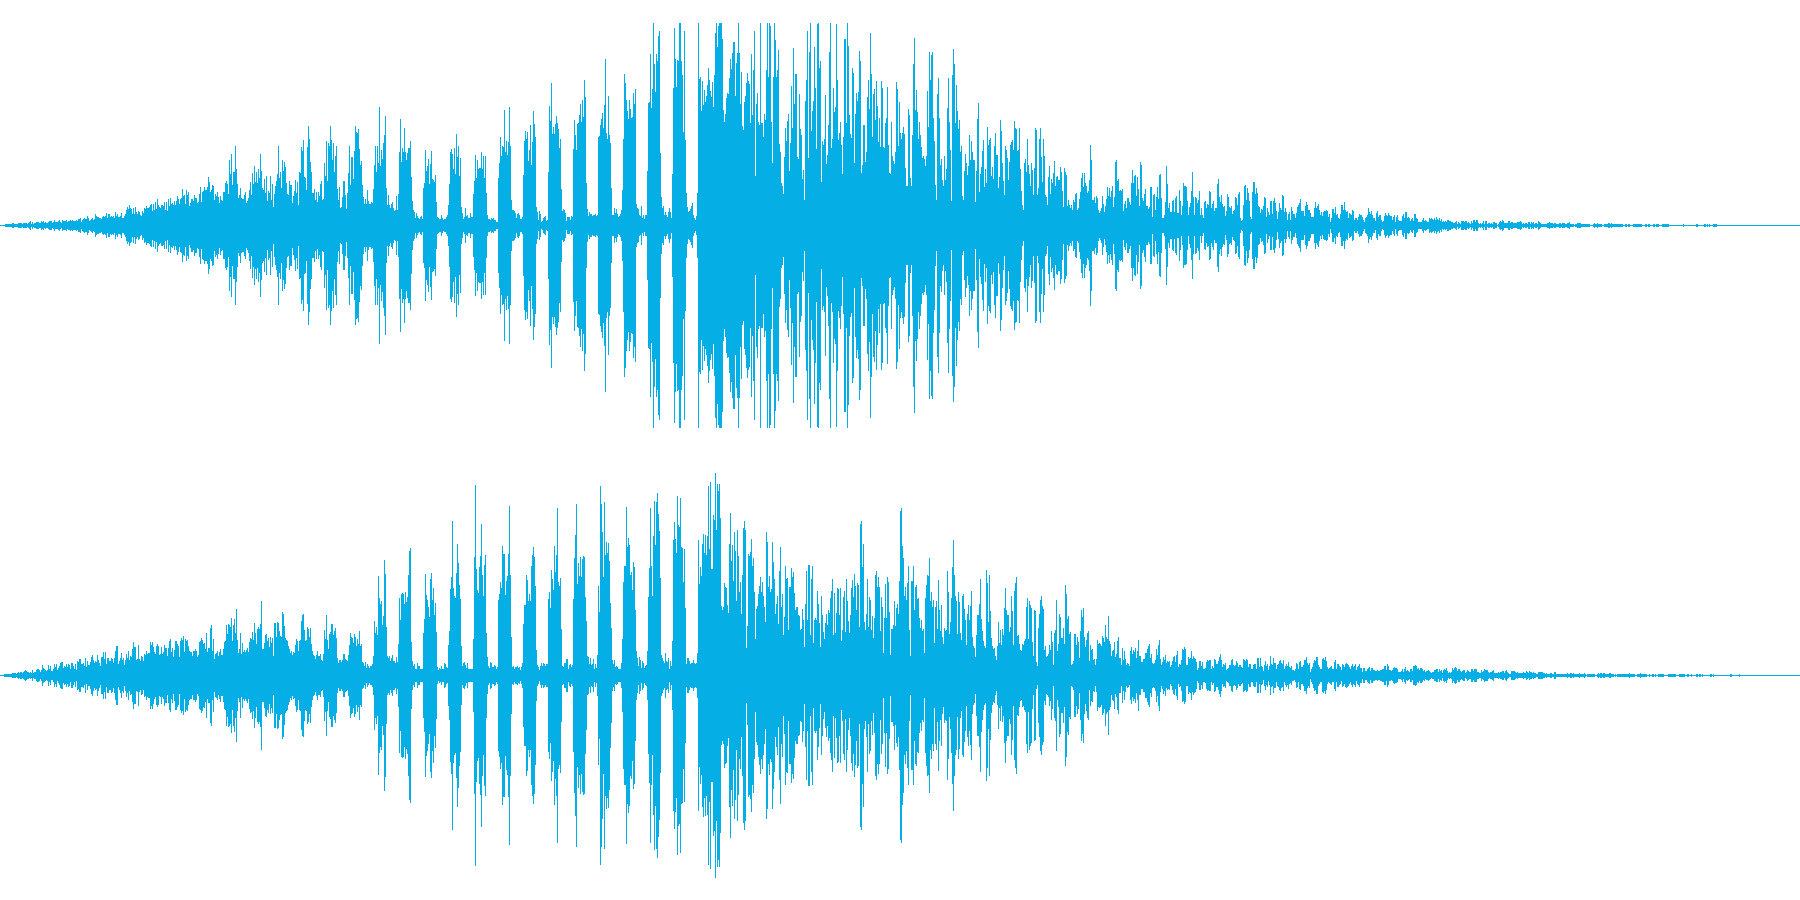 ホラー系アタック音135の再生済みの波形